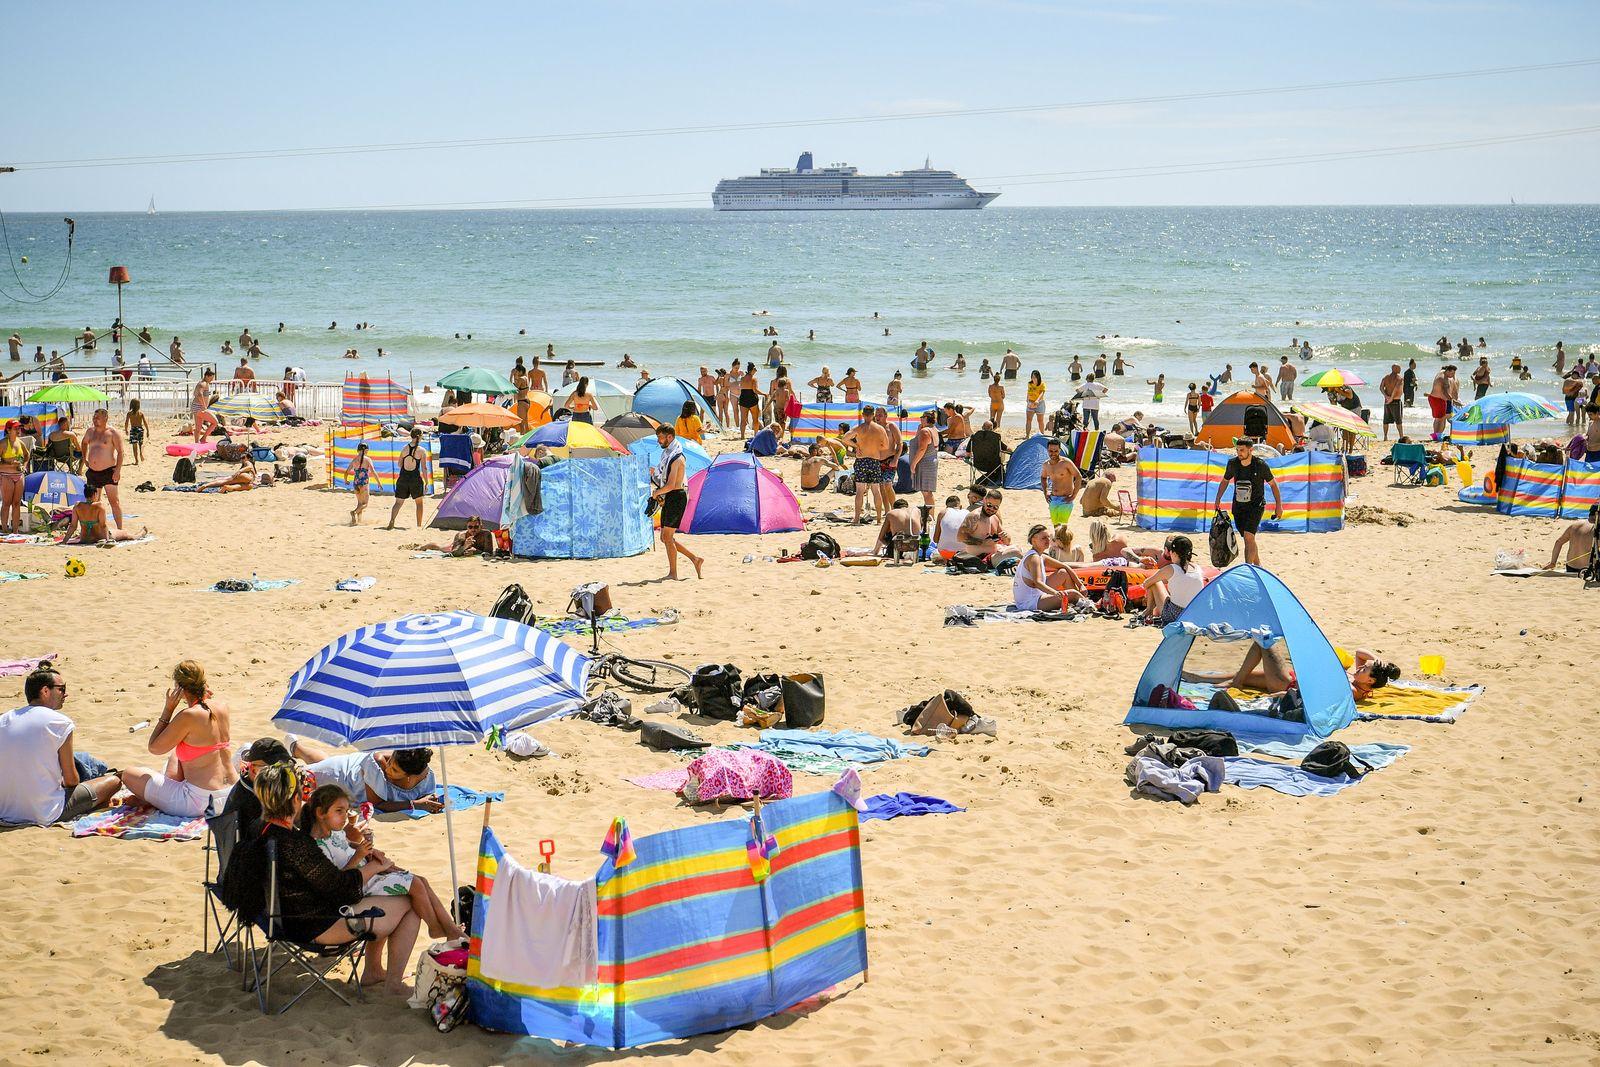 Sommerwetter in Großbritannien